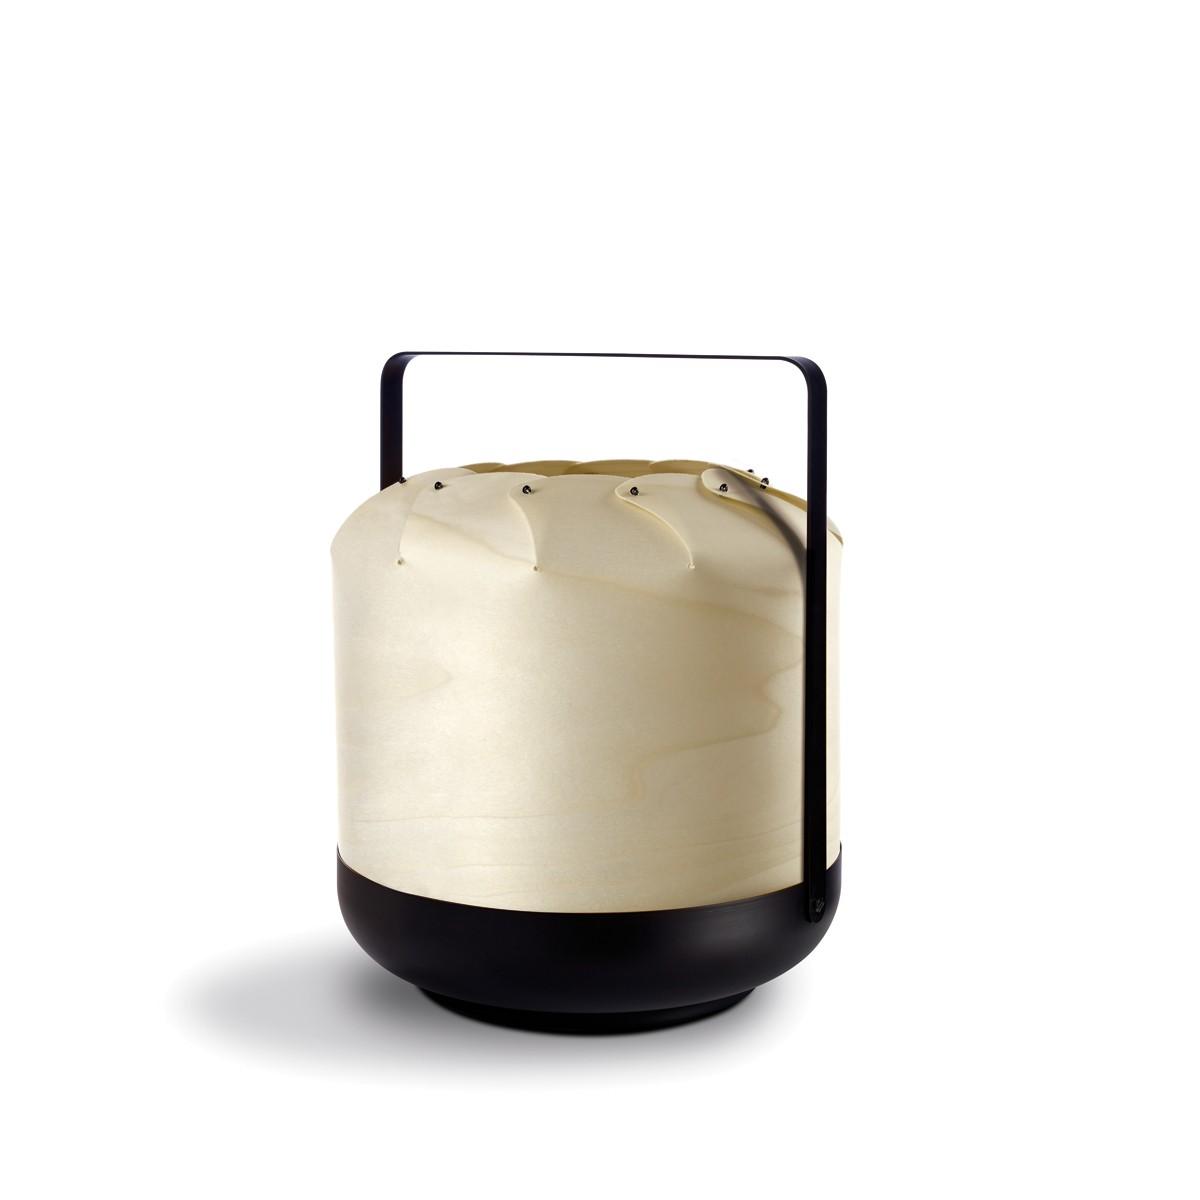 LZF Lamps Chou Short Tischleuchte, elfenbeinweiß